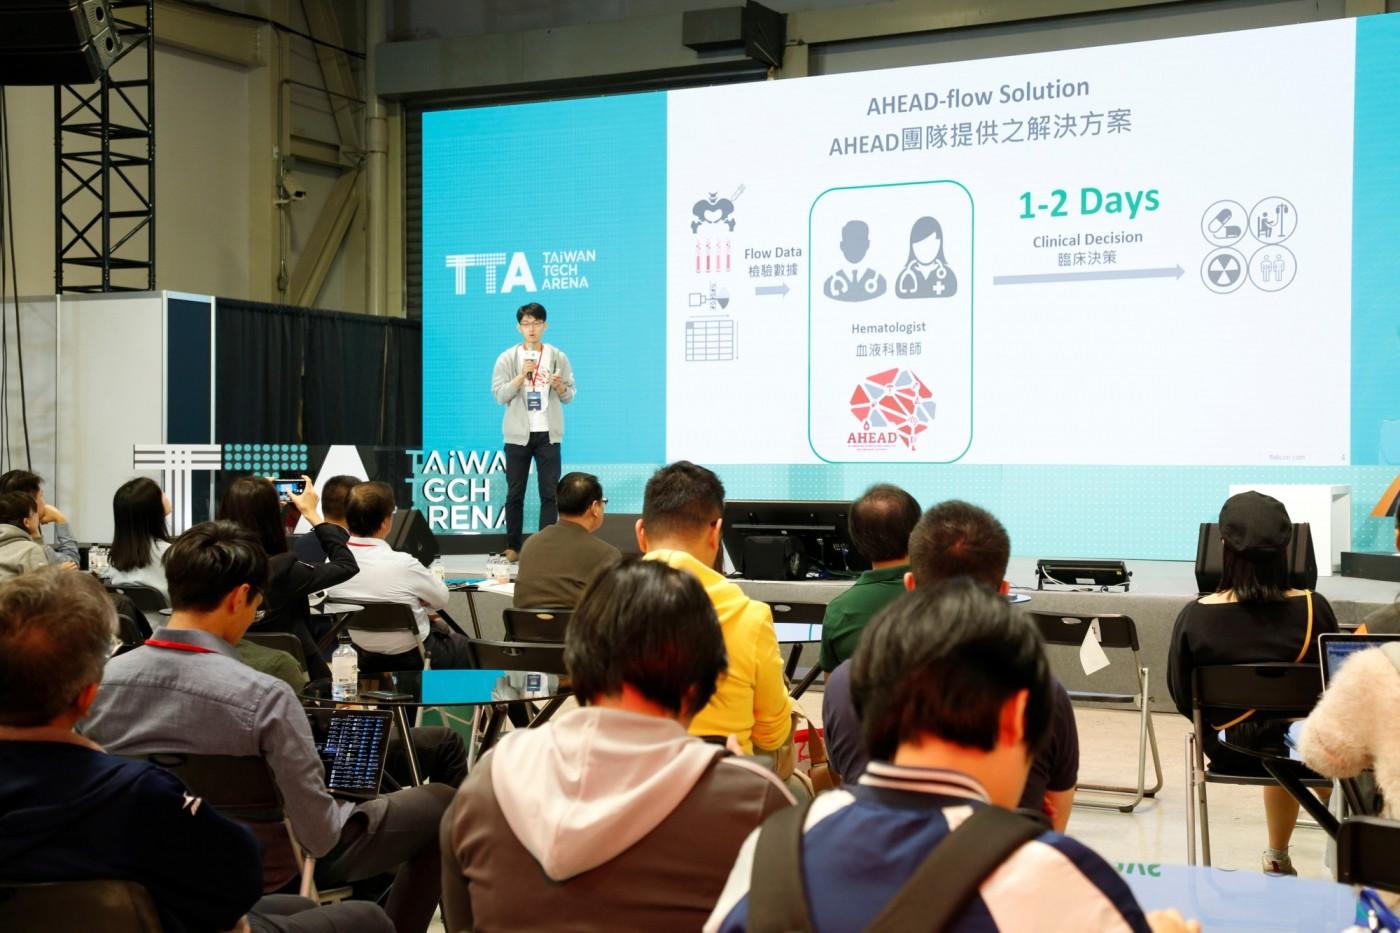 科技部舉辦Demo與論壇 逾30家科技新創展現臺灣前瞻技術力